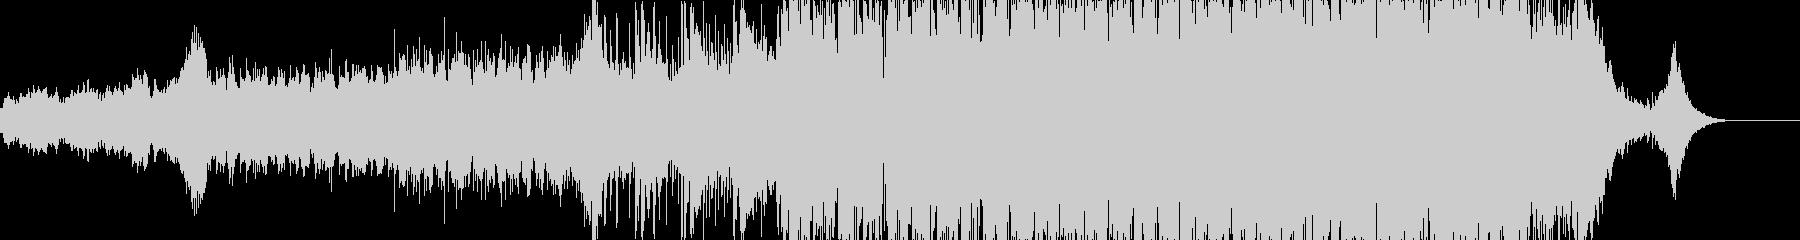 凱旋的で高揚感のあるシンフォニックEDMの未再生の波形